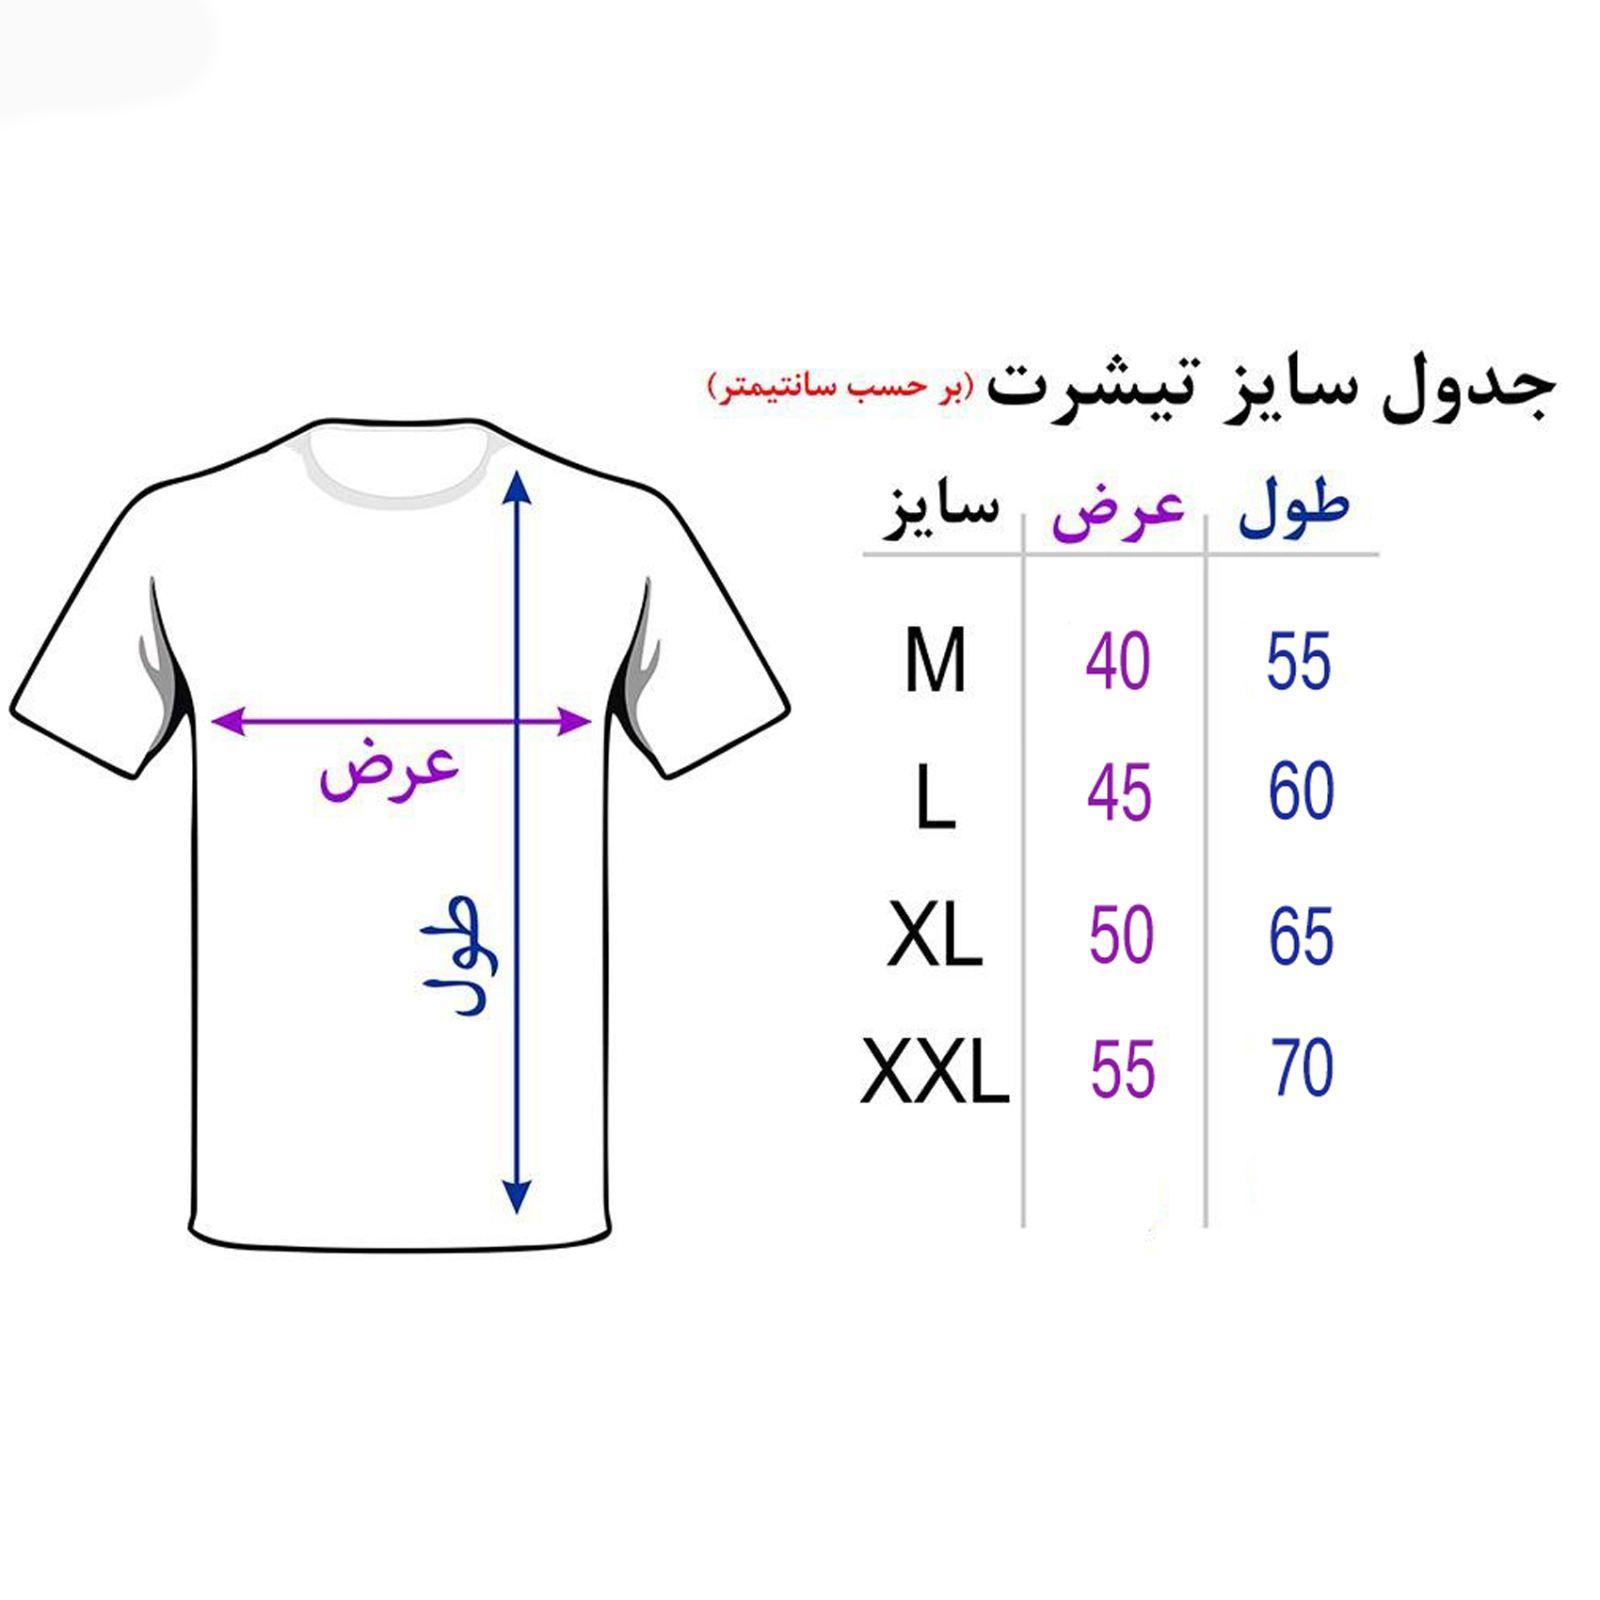 تی شرت مردانه 27  طرح همه کد B124 -  - 4